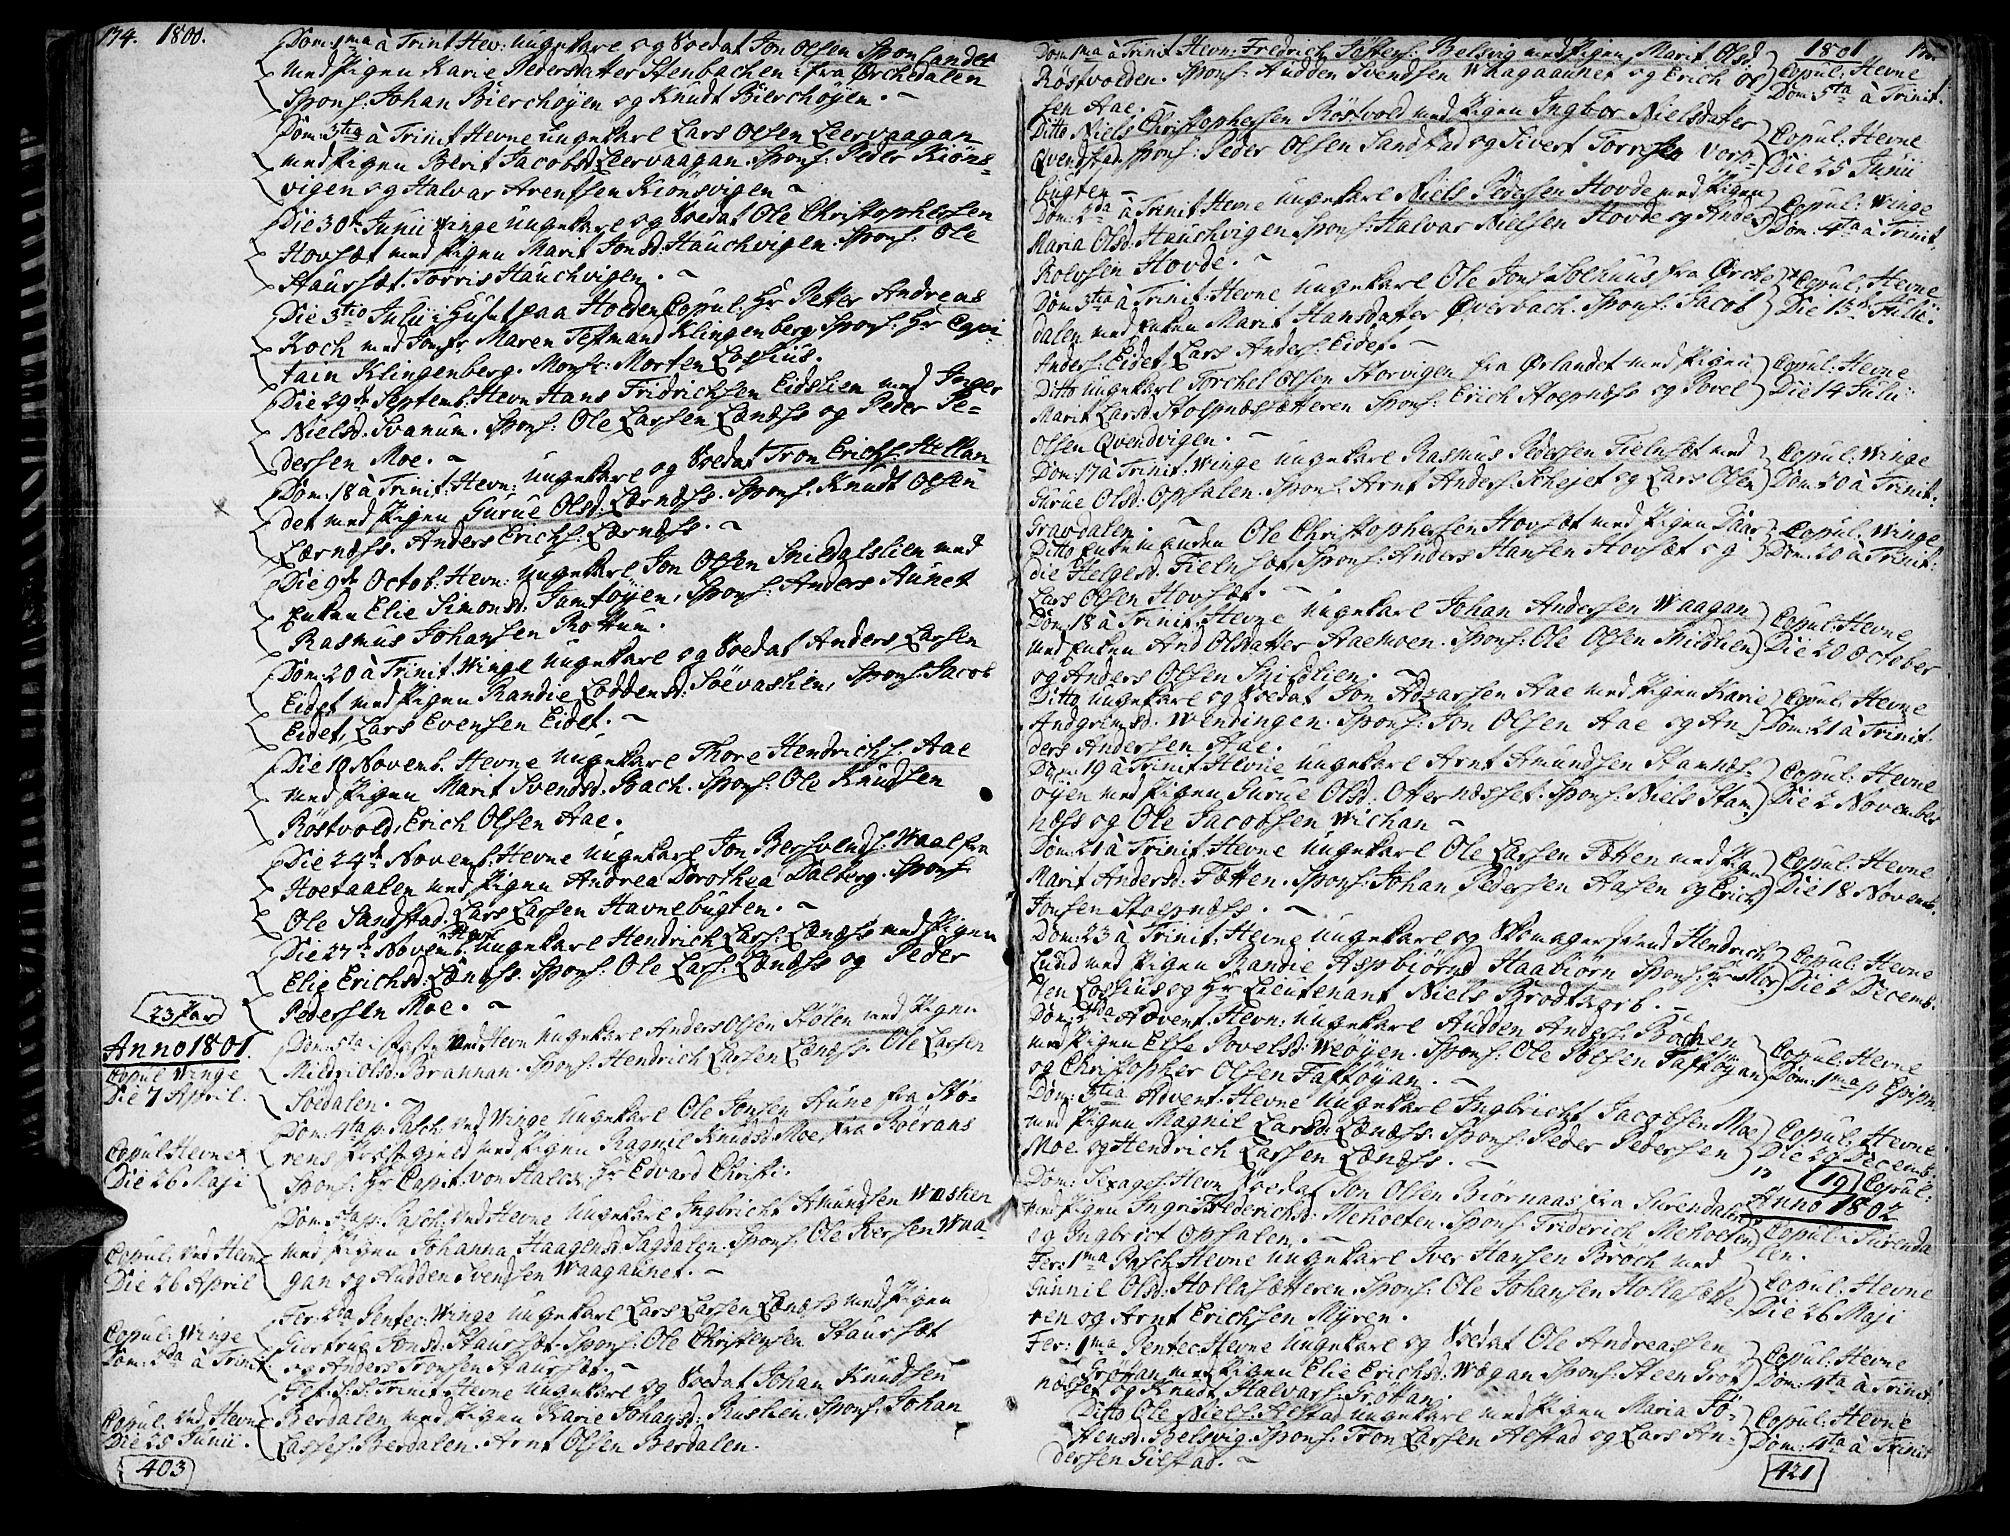 SAT, Ministerialprotokoller, klokkerbøker og fødselsregistre - Sør-Trøndelag, 630/L0490: Ministerialbok nr. 630A03, 1795-1818, s. 174-175